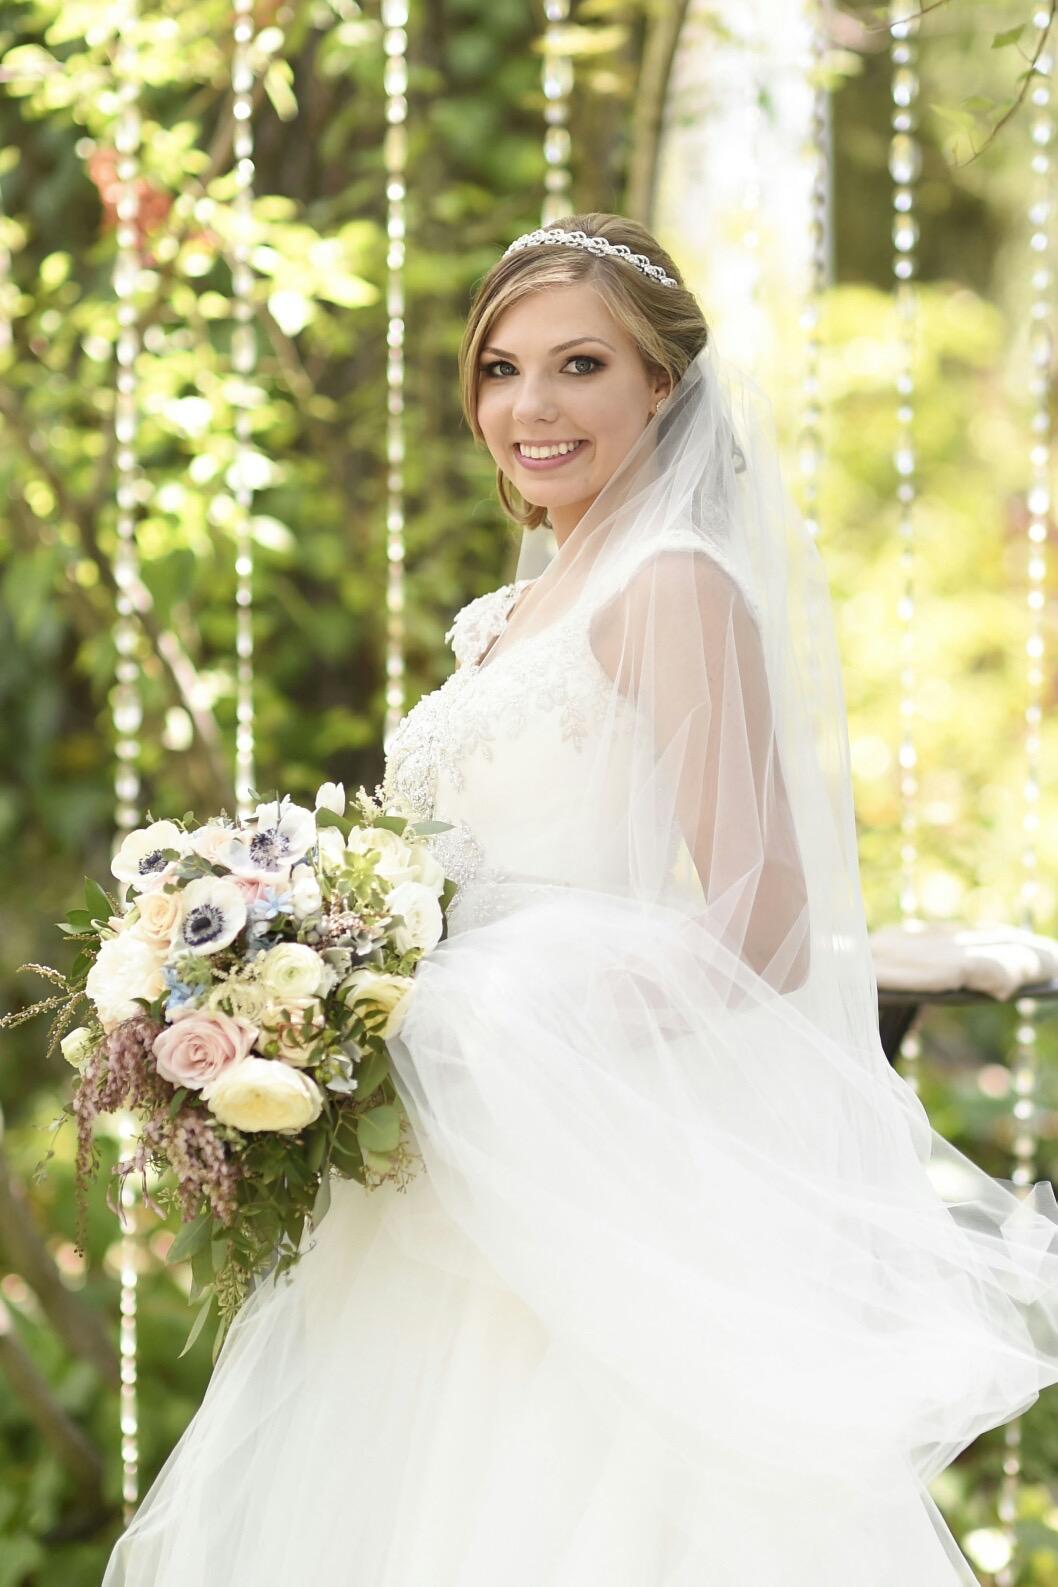 bride_bouquet_blush_blue_violette_fleurs.jpg